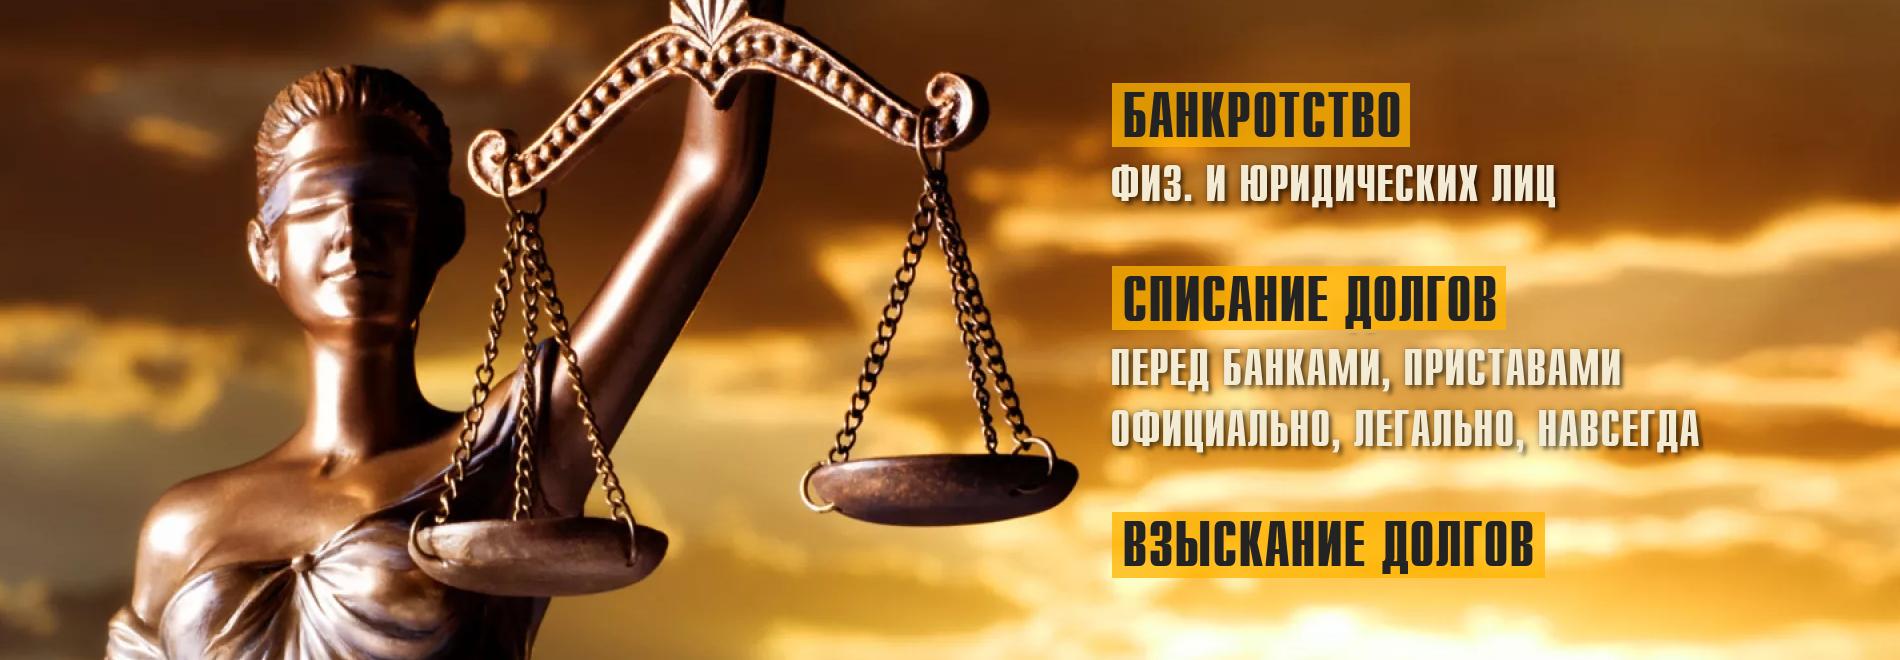 Банкротство, списание долгов в Челябинске